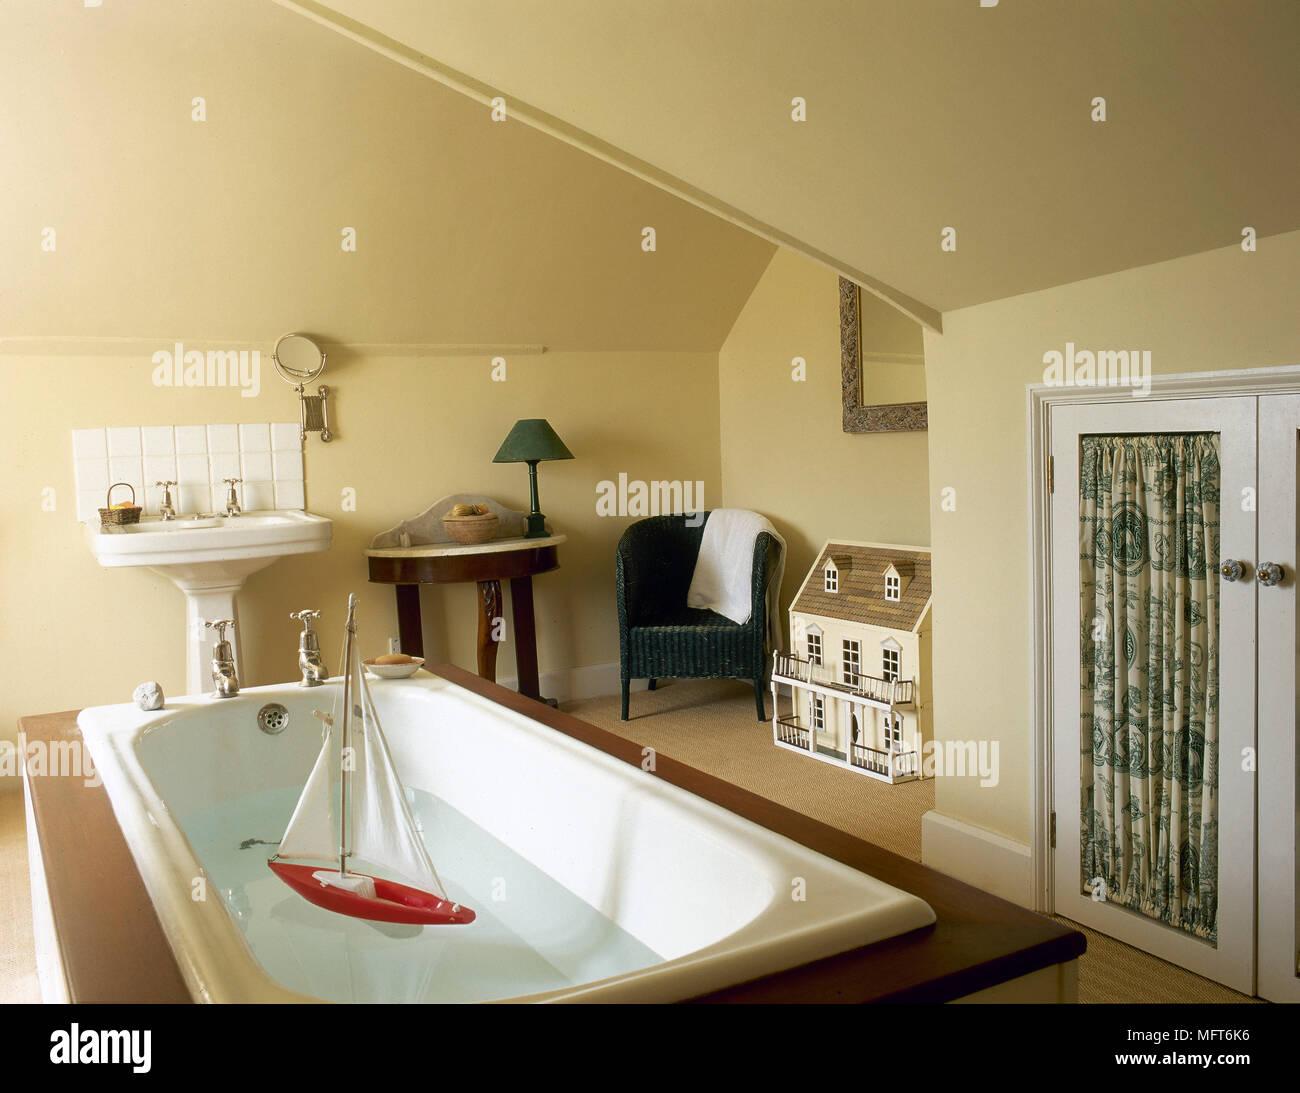 Une salle de bains privative avec un jaune pays plafond en pente, d ...